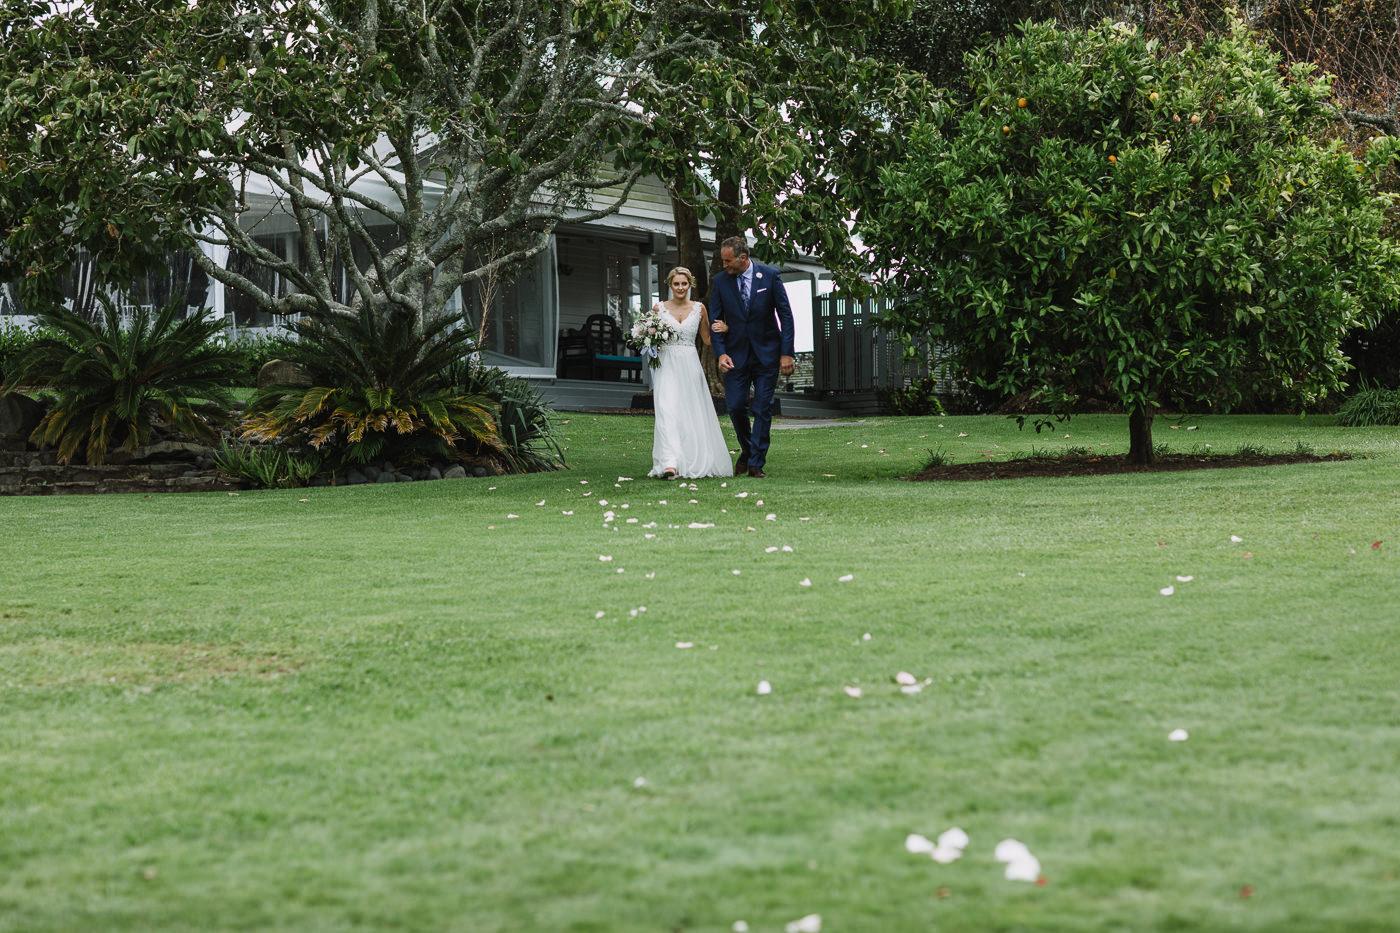 olive_tree_cottage_wedding_tauranga-1046.jpg